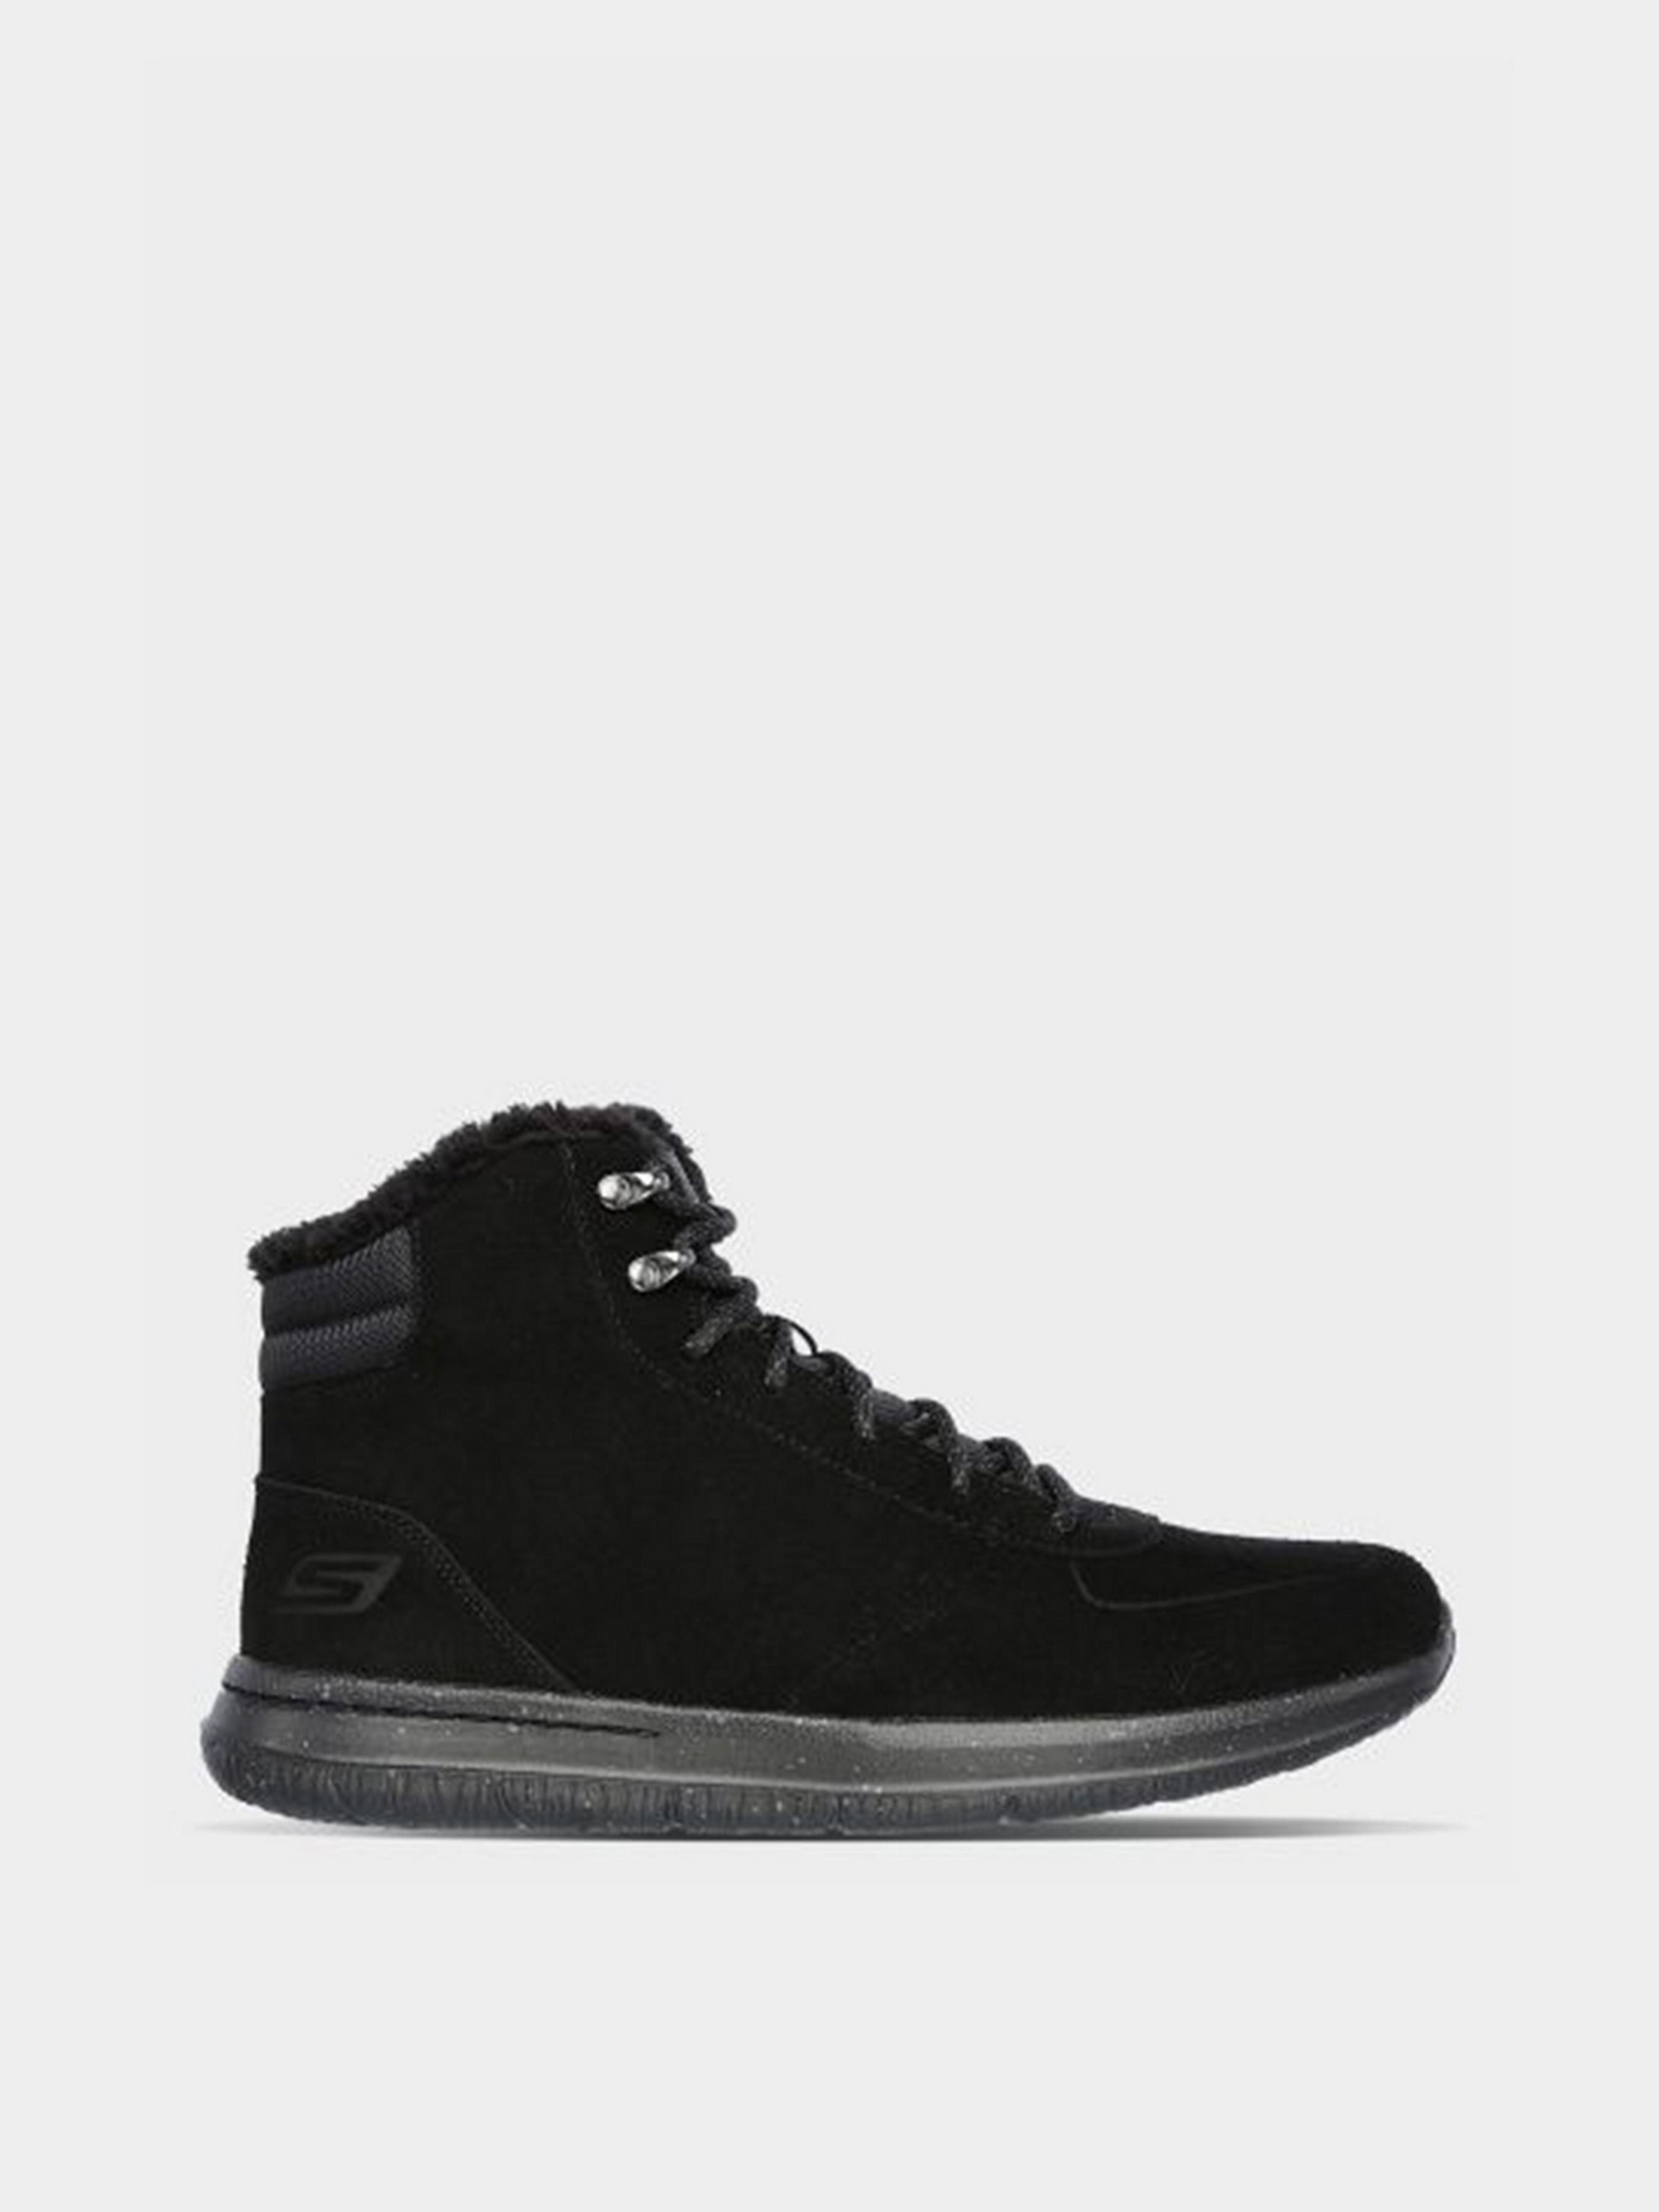 Купить Ботинки мужские Skechers KM3315, Черный